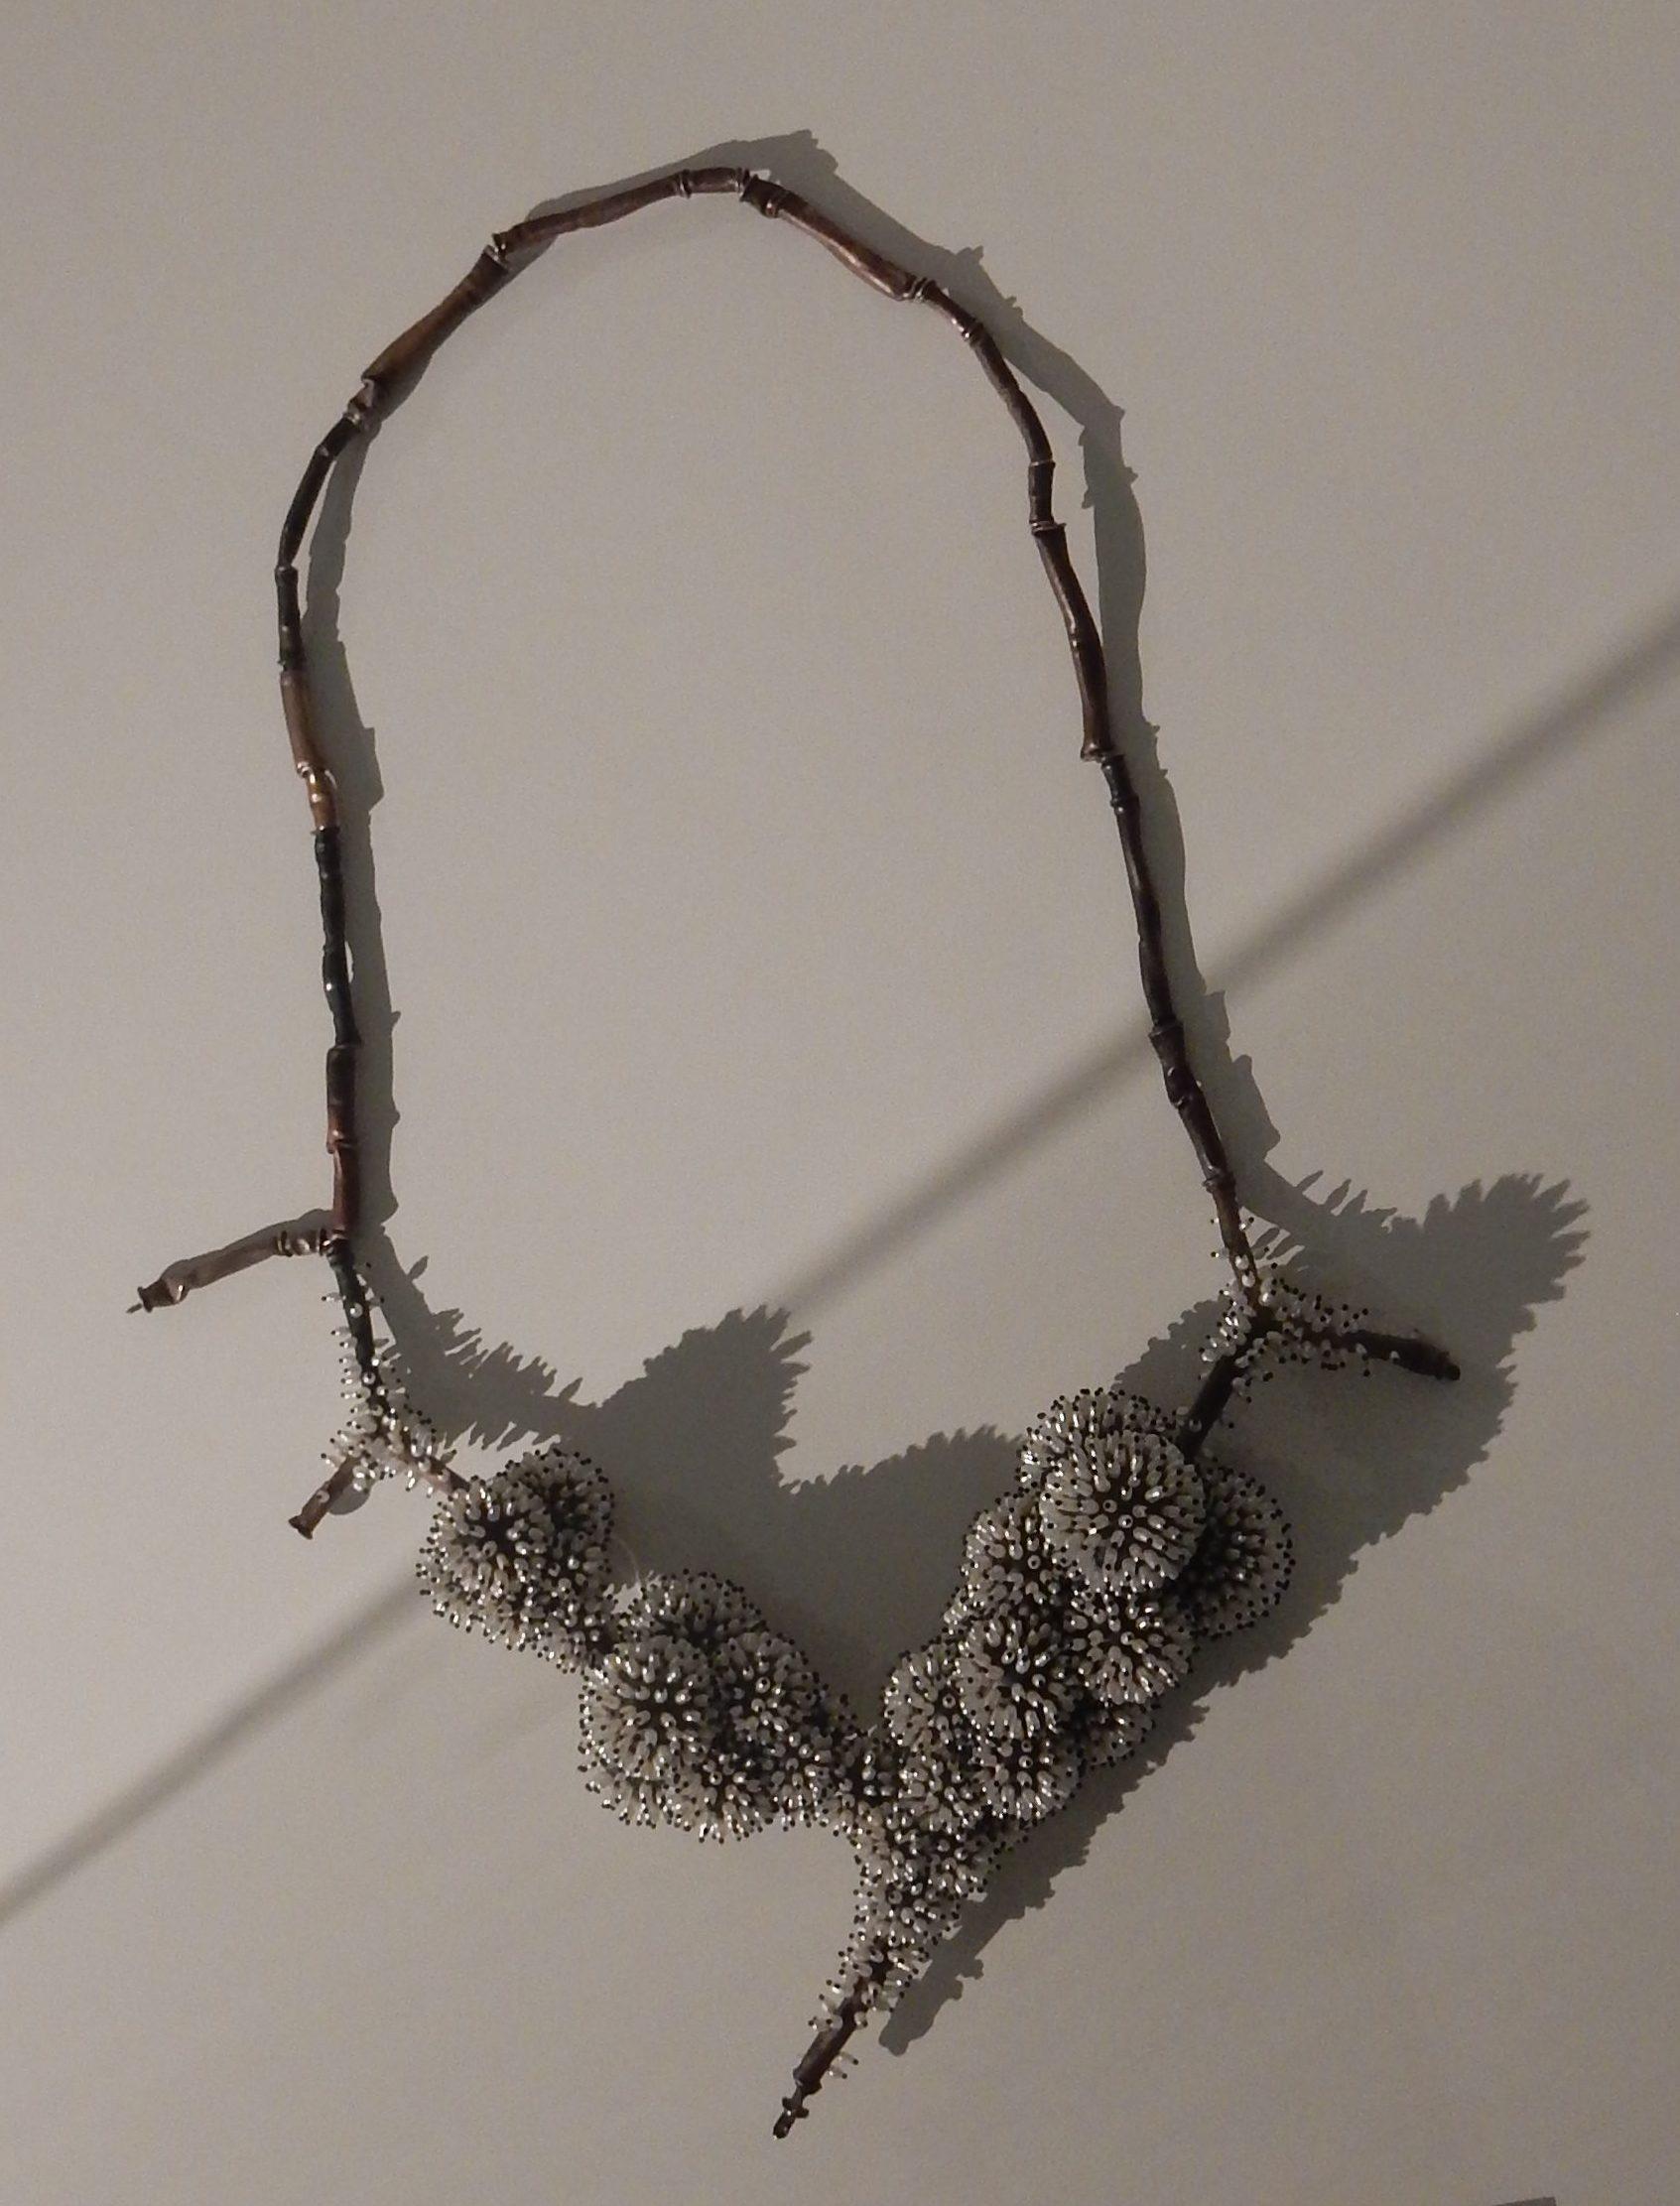 Sam-Tho Duong, halssieraad. Collectie Badisches Landesmuseum, 2017/121, foto Coert Peter Krabbe, metaal, kunststof, parels